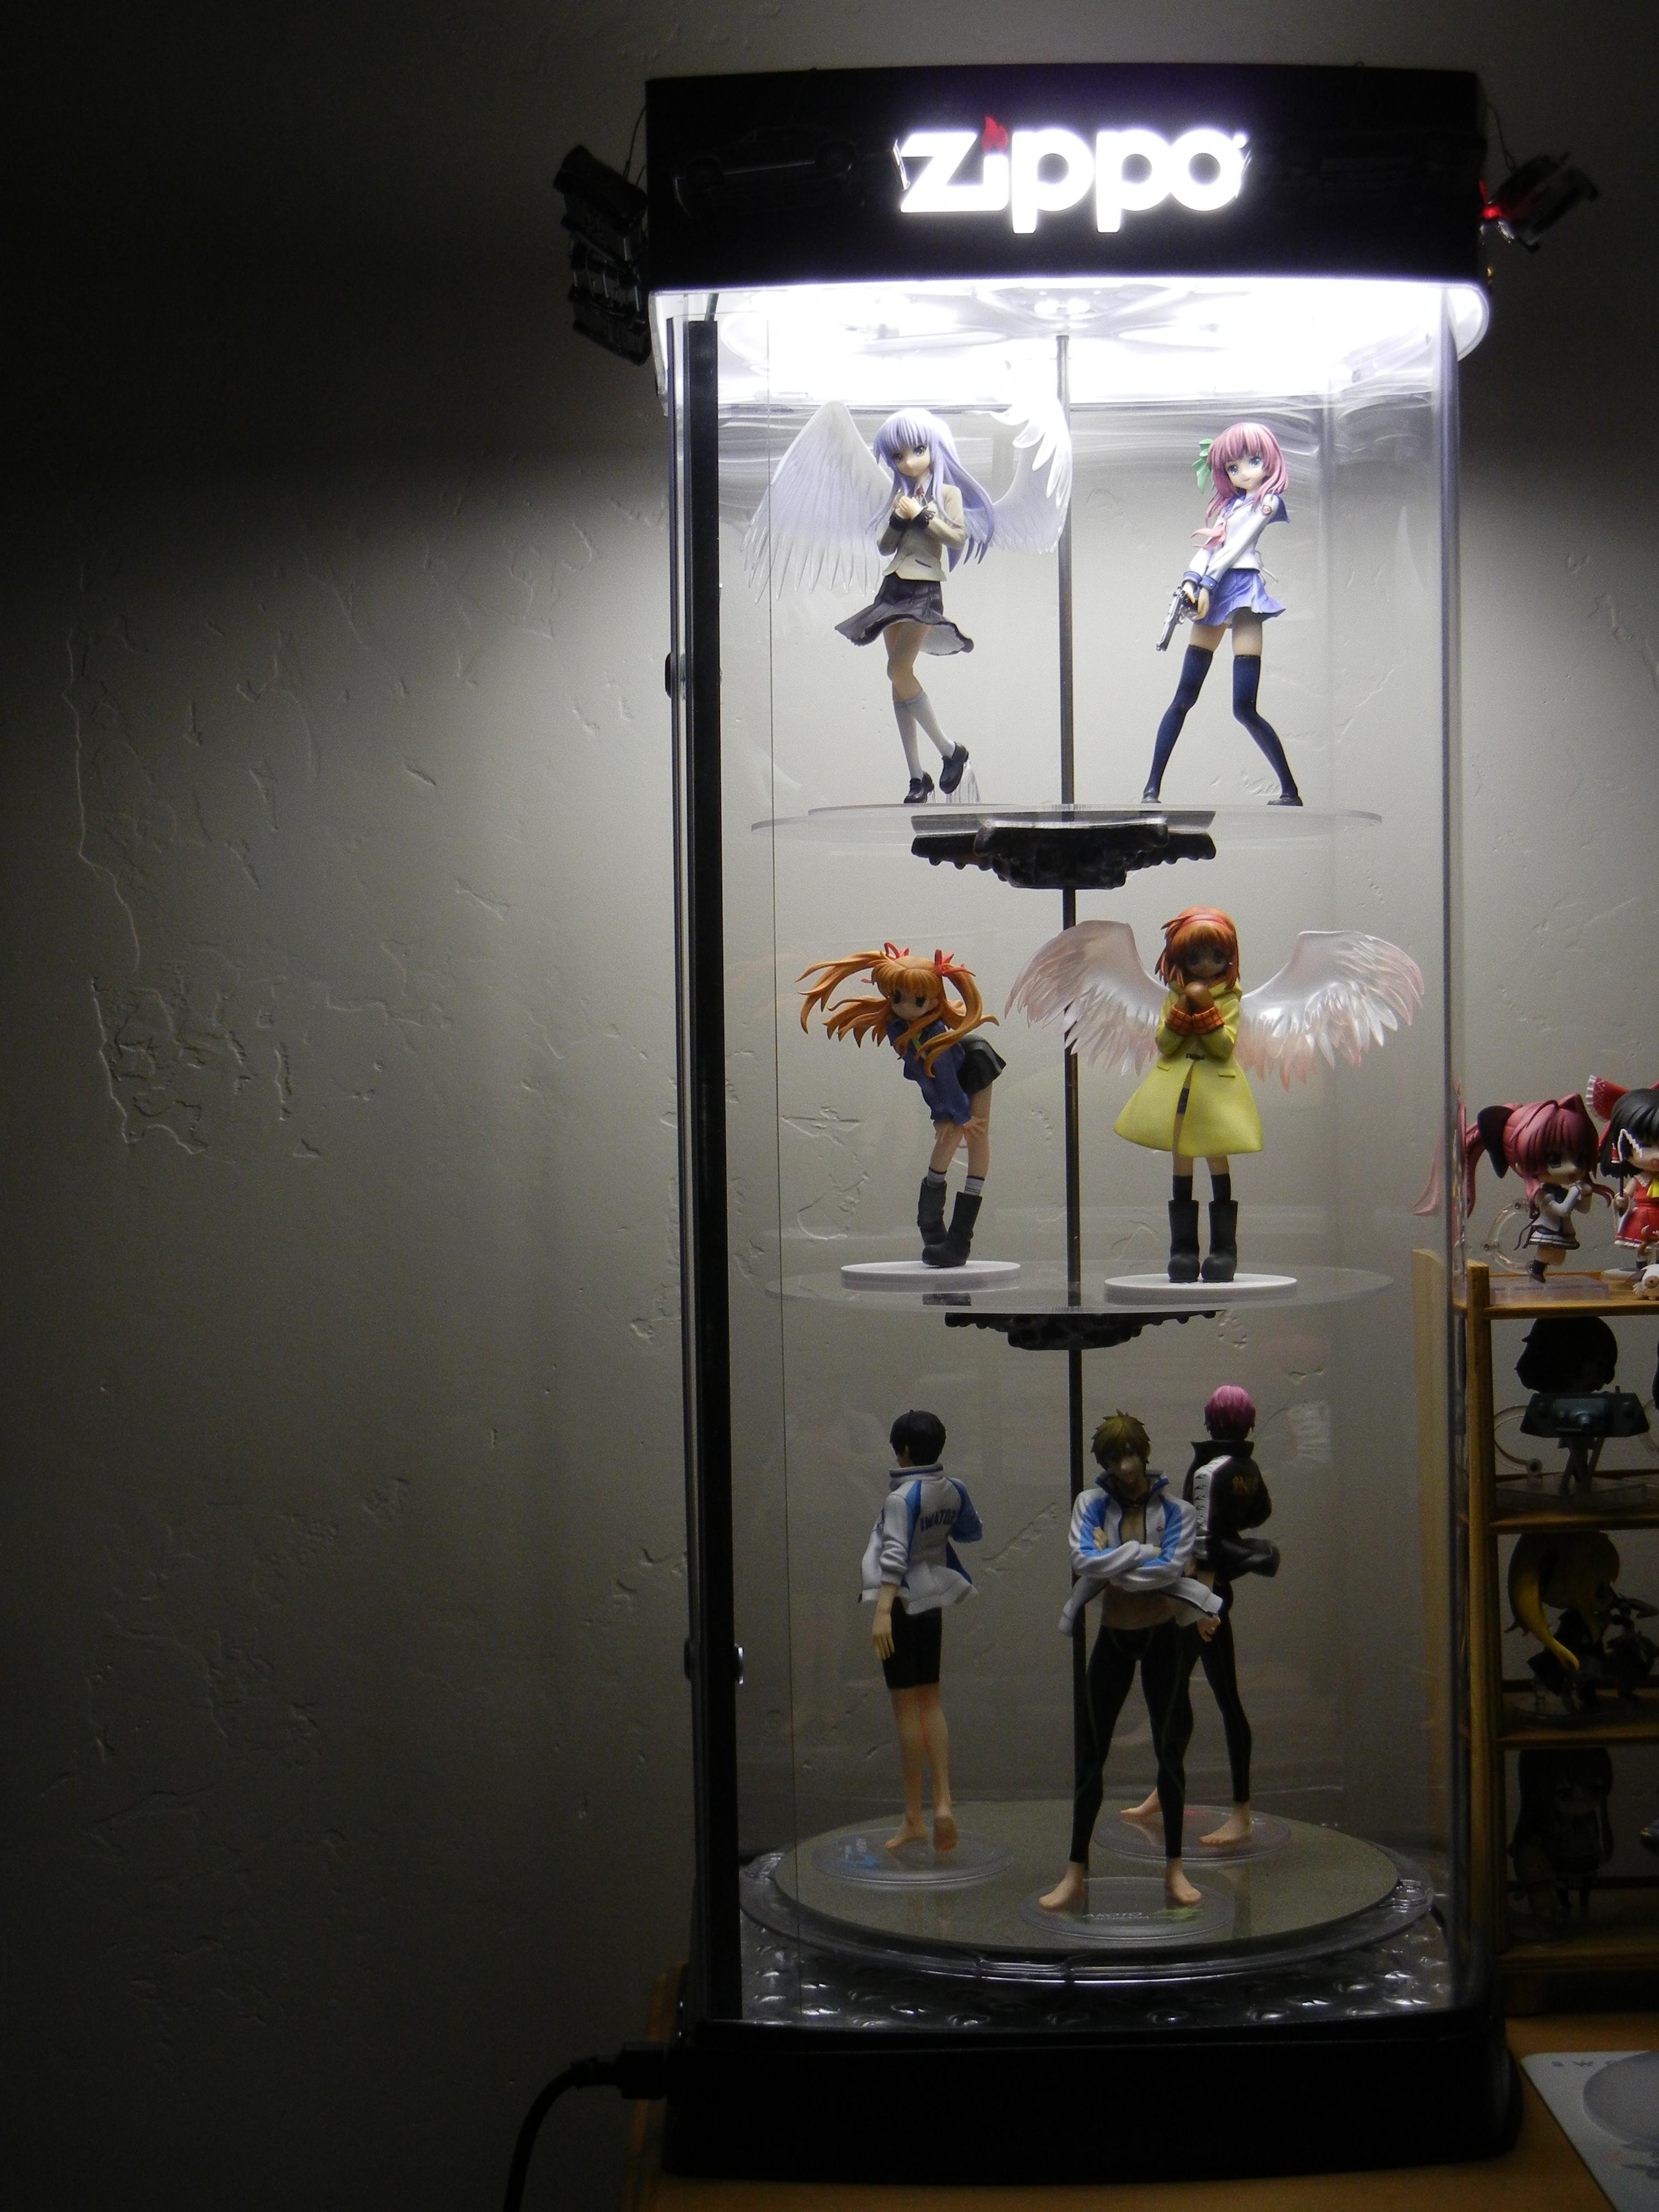 key yuri tenshi alter max_factory good_smile_company kanon kuroda_masanori iwamoto_kunihito tsukimiya_ayu angel_beats! kana altair visual_art's numakura_toshiaki koshinuma_shinji sanzigen hobby_stock na-ga sawatari_makoto kyoto_animation nanase_haruka free! tachibana_makoto matsuoka_rin ooji_kouji alhiko watanabe_takamasa tetsumori_nanami